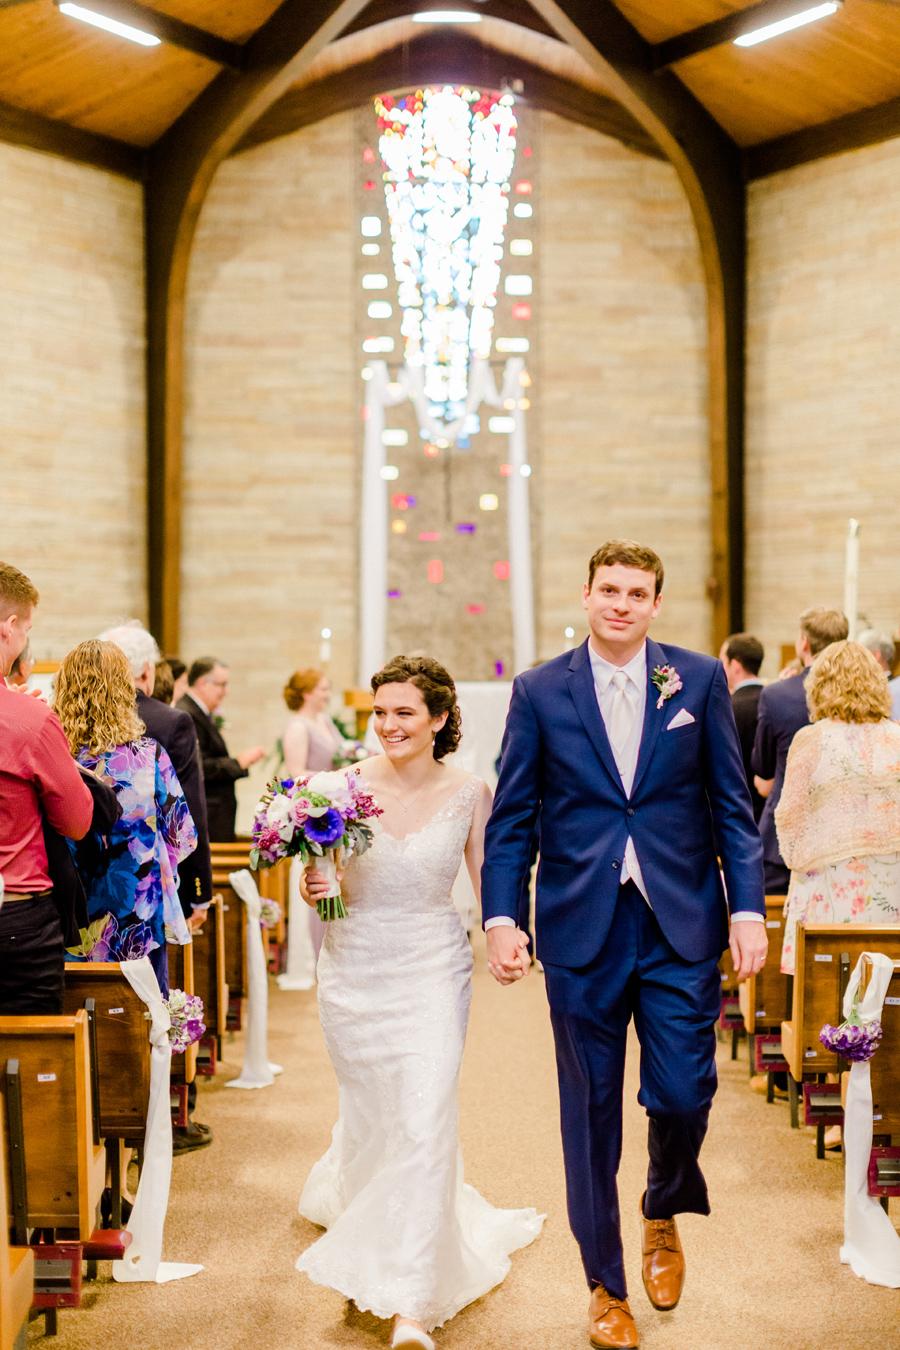 lambeaufieldwedding018.jpg